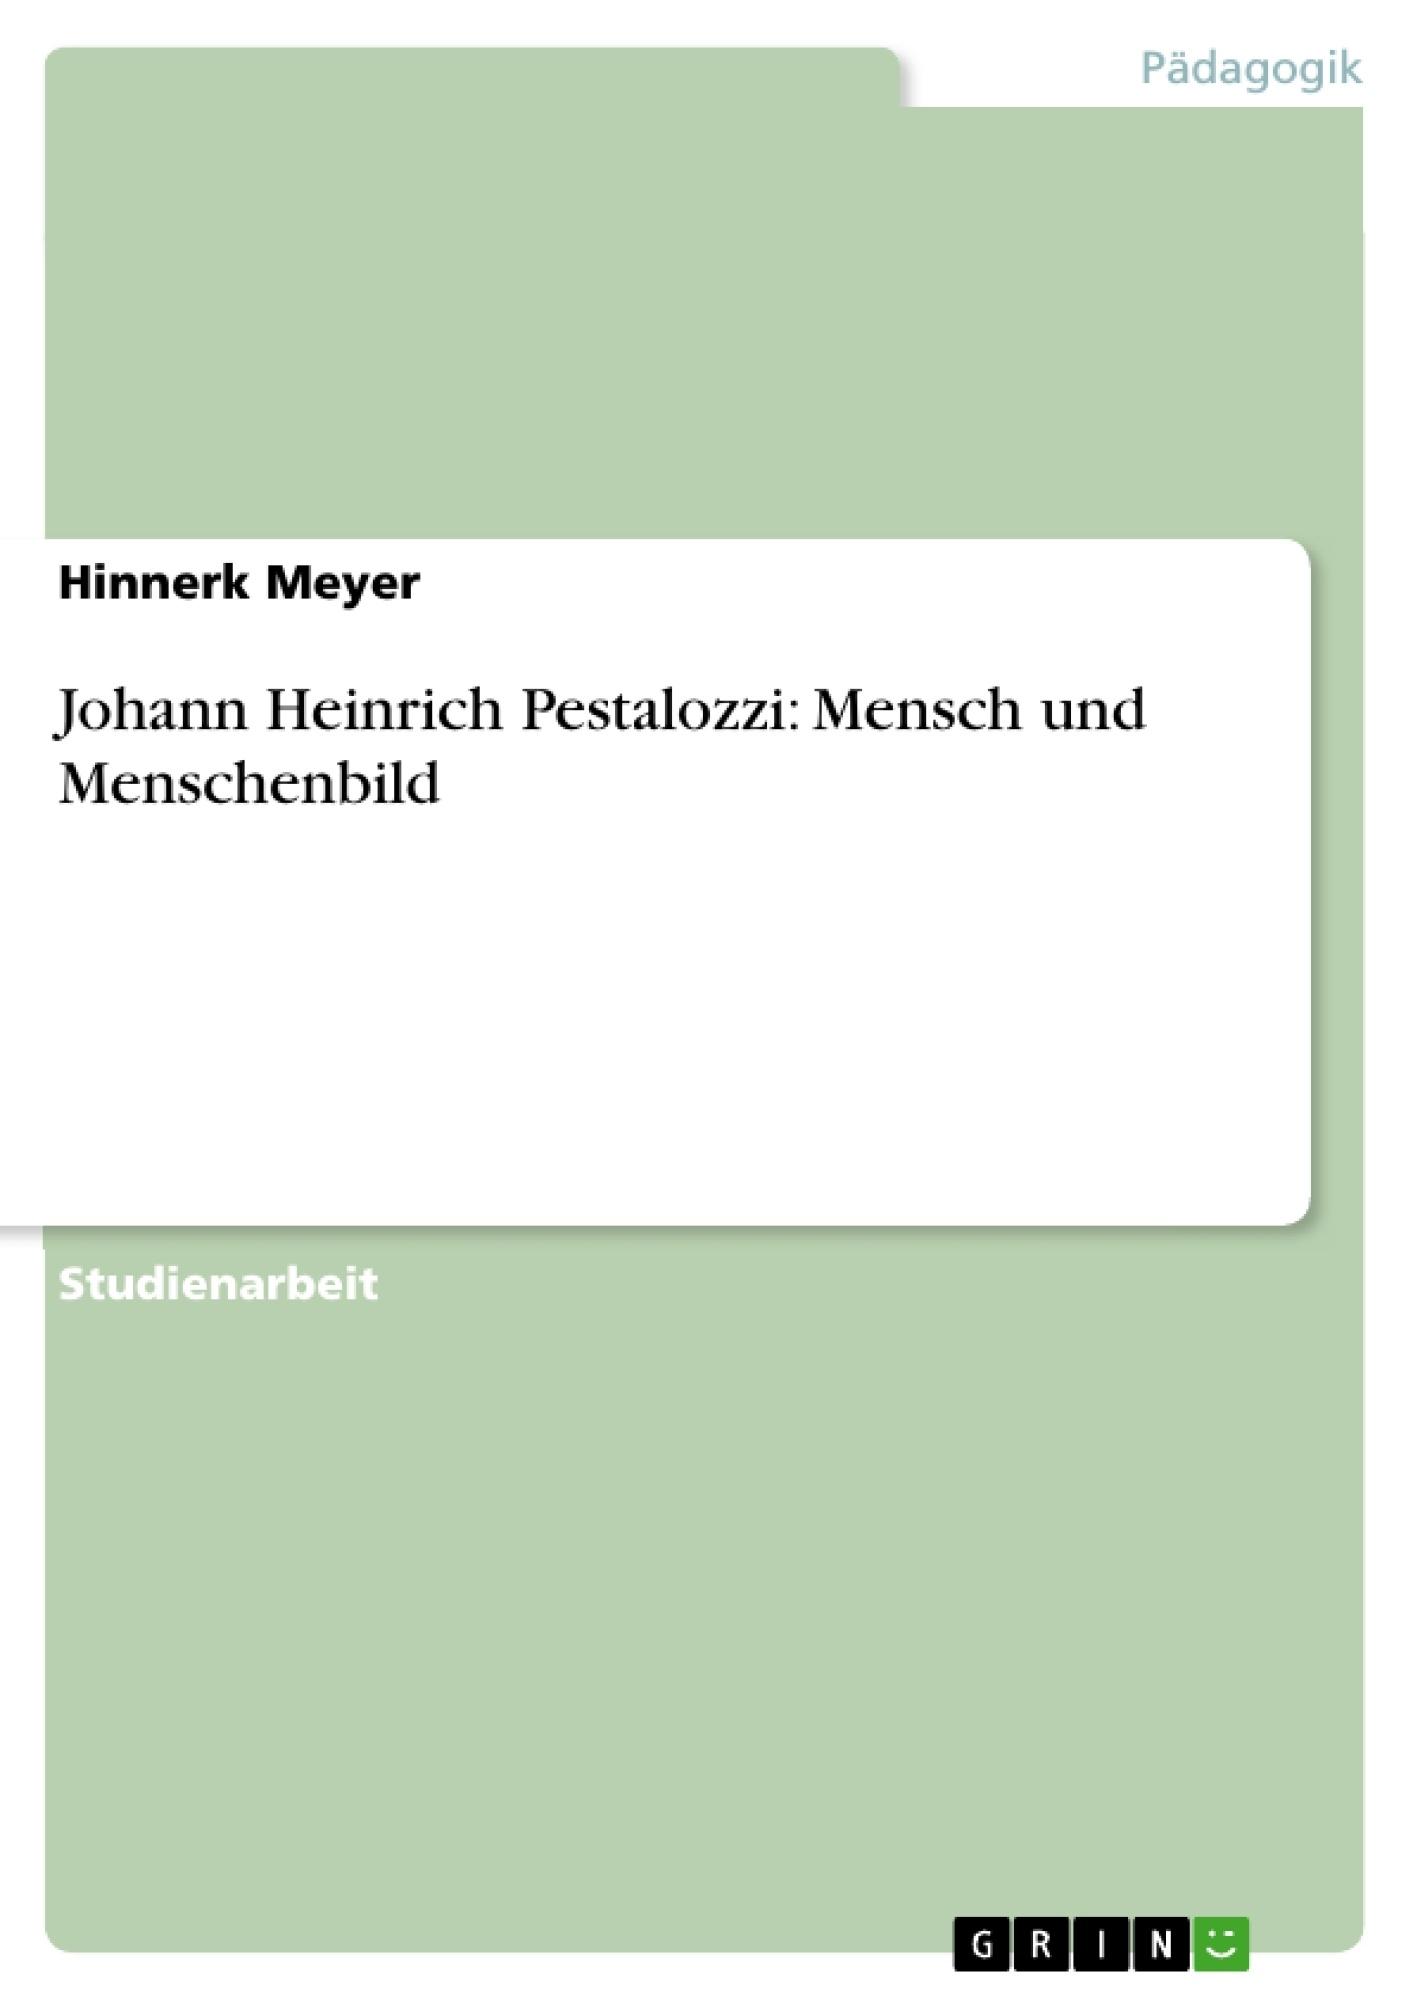 Titel: Johann Heinrich Pestalozzi: Mensch und Menschenbild